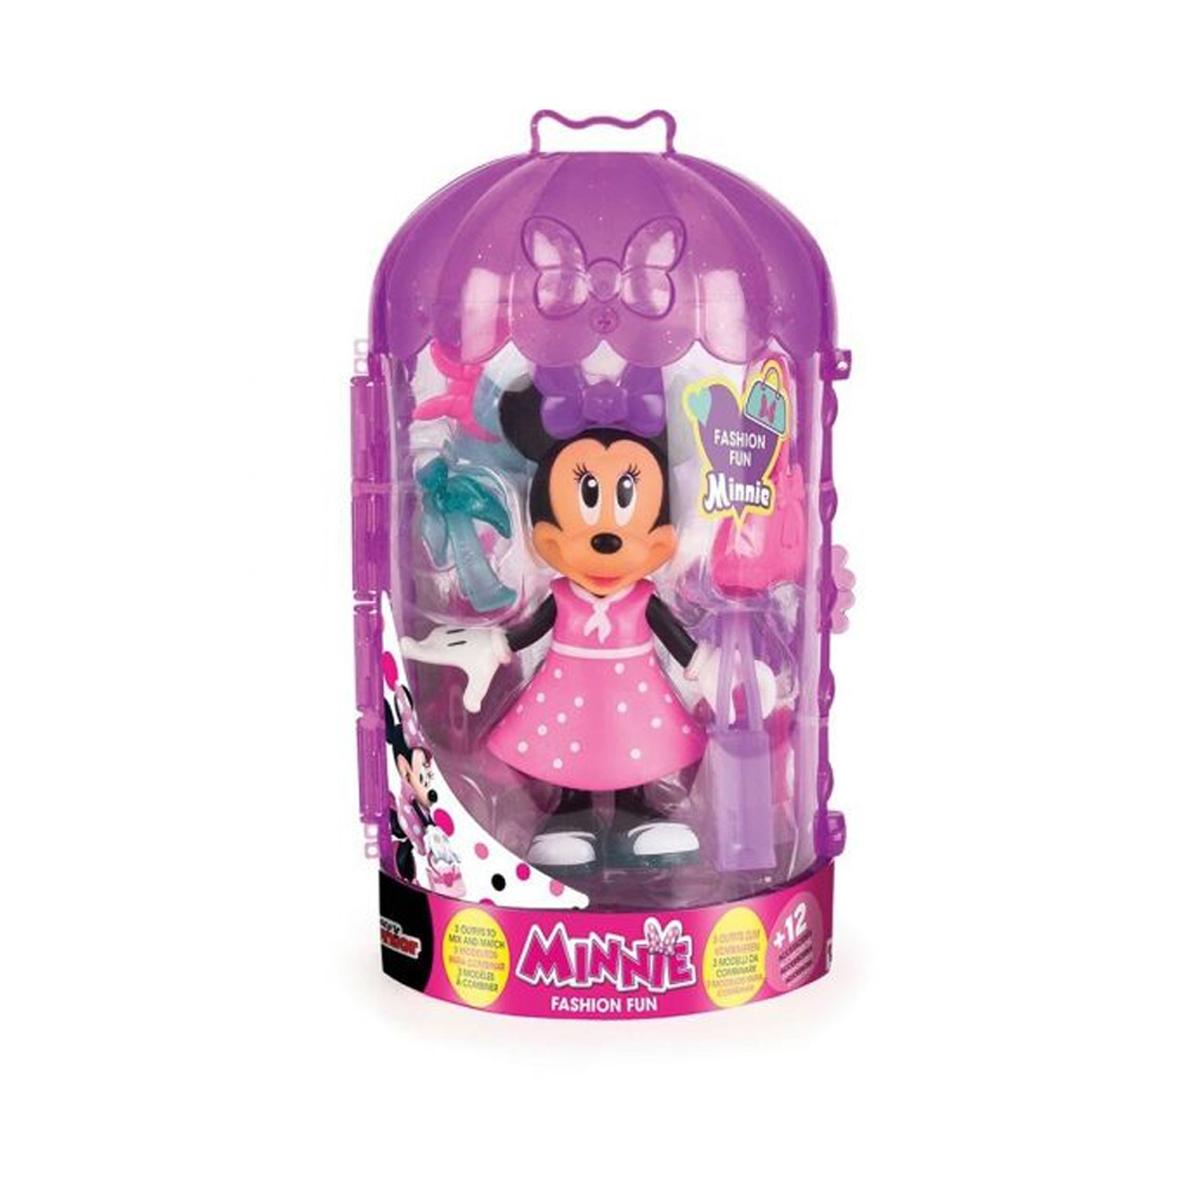 დისნეი Minnie Mouse-ის Fashion Dolls ფიგურა აქსესუარებით IMC TOYS 69175